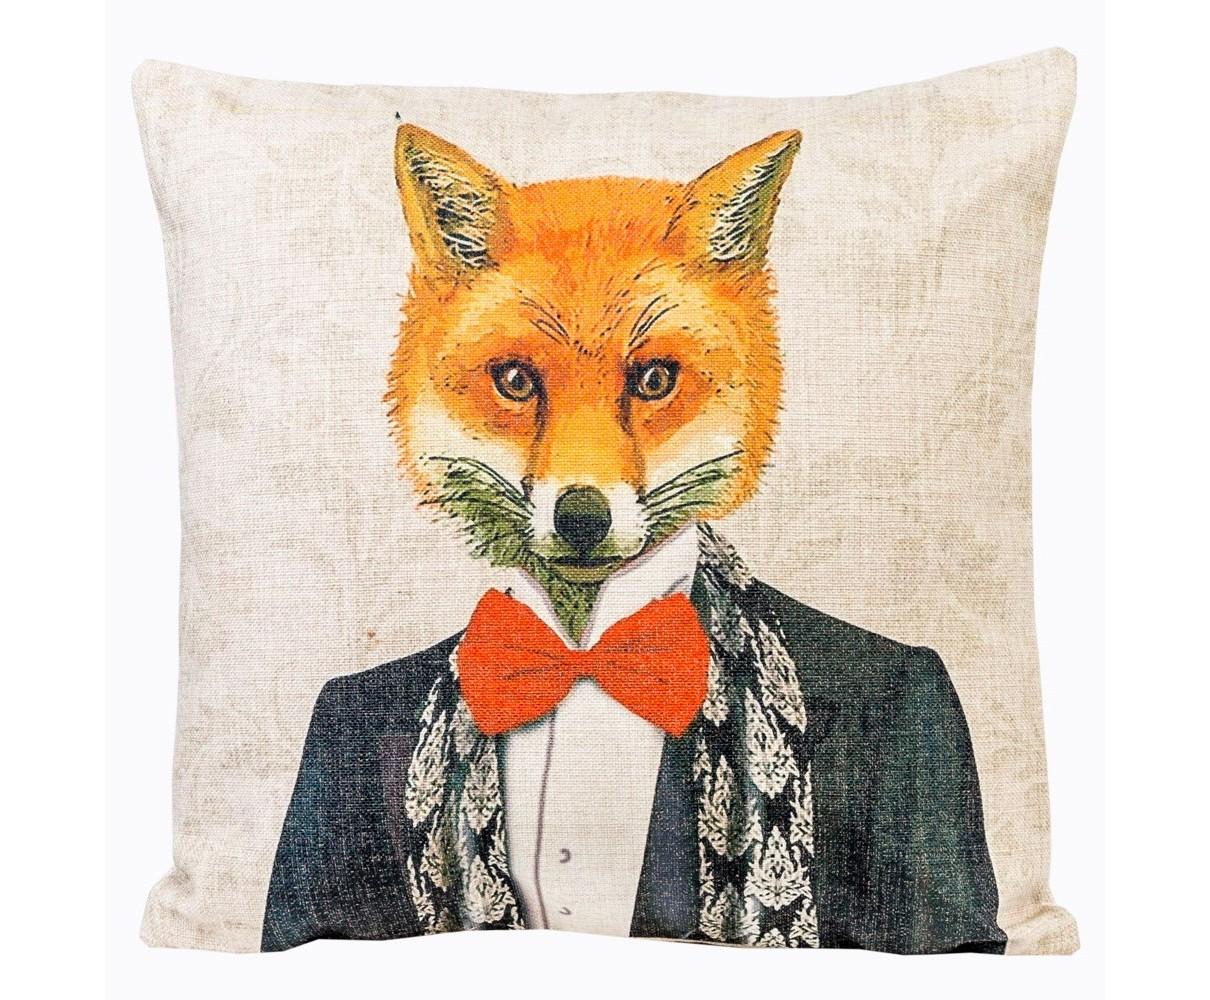 Подушка декоративная  Мистер КазиноКвадратные подушки и наволочки<br>&amp;lt;div&amp;gt;Подбор аксессуаров - миссия ответственная, но бесконечно приятная. Ведь дизайн - это не работа, а хобби, творчество и вдохновение. В дом допускаются предметы не просто красивые. В первую очередь, они обязаны быть желанными. С интерьерным комиксом &amp;quot;В мире животных&amp;quot; Вы заново оцените яркость и эффект своей домашней обстановки. Для детской комнаты декоративные подушки с изображениями забавных зверушек - практически предмет первой необходимости. Отметьте при этом их рациональный размер. Не упустите возможность обладания уникальными дизайнерскими аксессуарами. Коллекция &amp;quot;В мире животных&amp;quot; выпущена лимитированными экземплярами.&amp;lt;/div&amp;gt;&amp;lt;div&amp;gt;&amp;lt;br&amp;gt;&amp;lt;/div&amp;gt;&amp;lt;div&amp;gt;Материал: состав ткани хлопок 25%, лен 15%, полиэстер 60%, плотность ткани 445 гр/м2.&amp;lt;/div&amp;gt;&amp;lt;div&amp;gt;&amp;lt;br&amp;gt;&amp;lt;/div&amp;gt;<br><br>&amp;lt;iframe width=&amp;quot;530&amp;quot; height=&amp;quot;360&amp;quot; src=&amp;quot;https://www.youtube.com/embed/3vitXSFtUrE&amp;quot; frameborder=&amp;quot;0&amp;quot; allowfullscreen=&amp;quot;&amp;quot;&amp;gt;&amp;lt;/iframe&amp;gt;<br><br>Material: Текстиль<br>Ширина см: 45.0<br>Высота см: 15.0<br>Глубина см: 15